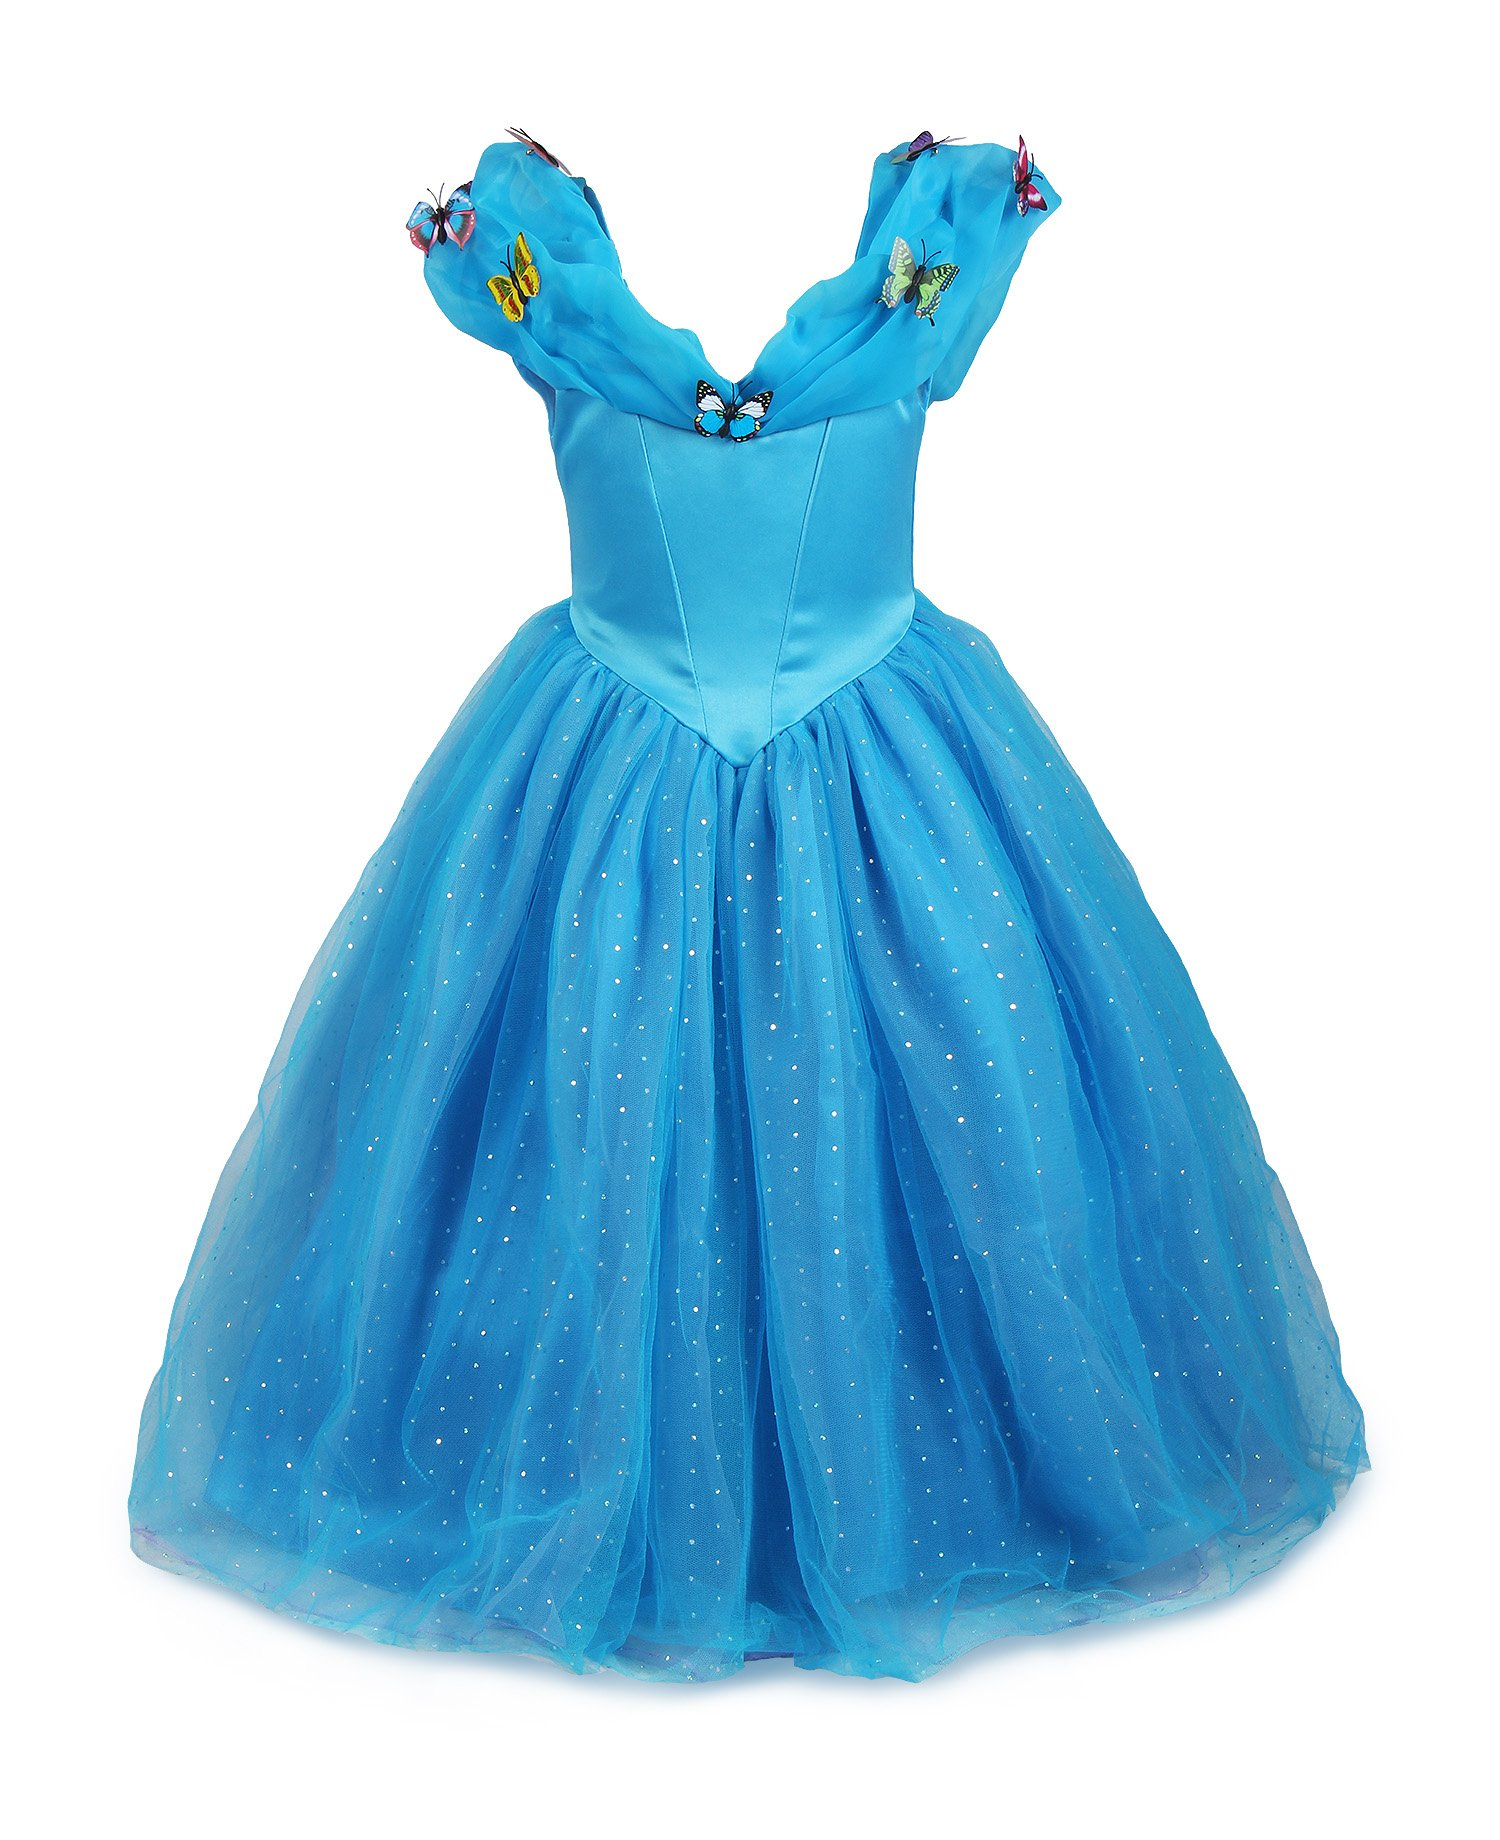 ReliBeauty - Robe - Fille - Princesse Cinderella Maxi 9189 Costume d'Halloween Cosplay Déguisement pour Fille Princesse Tenue Magnifique product image